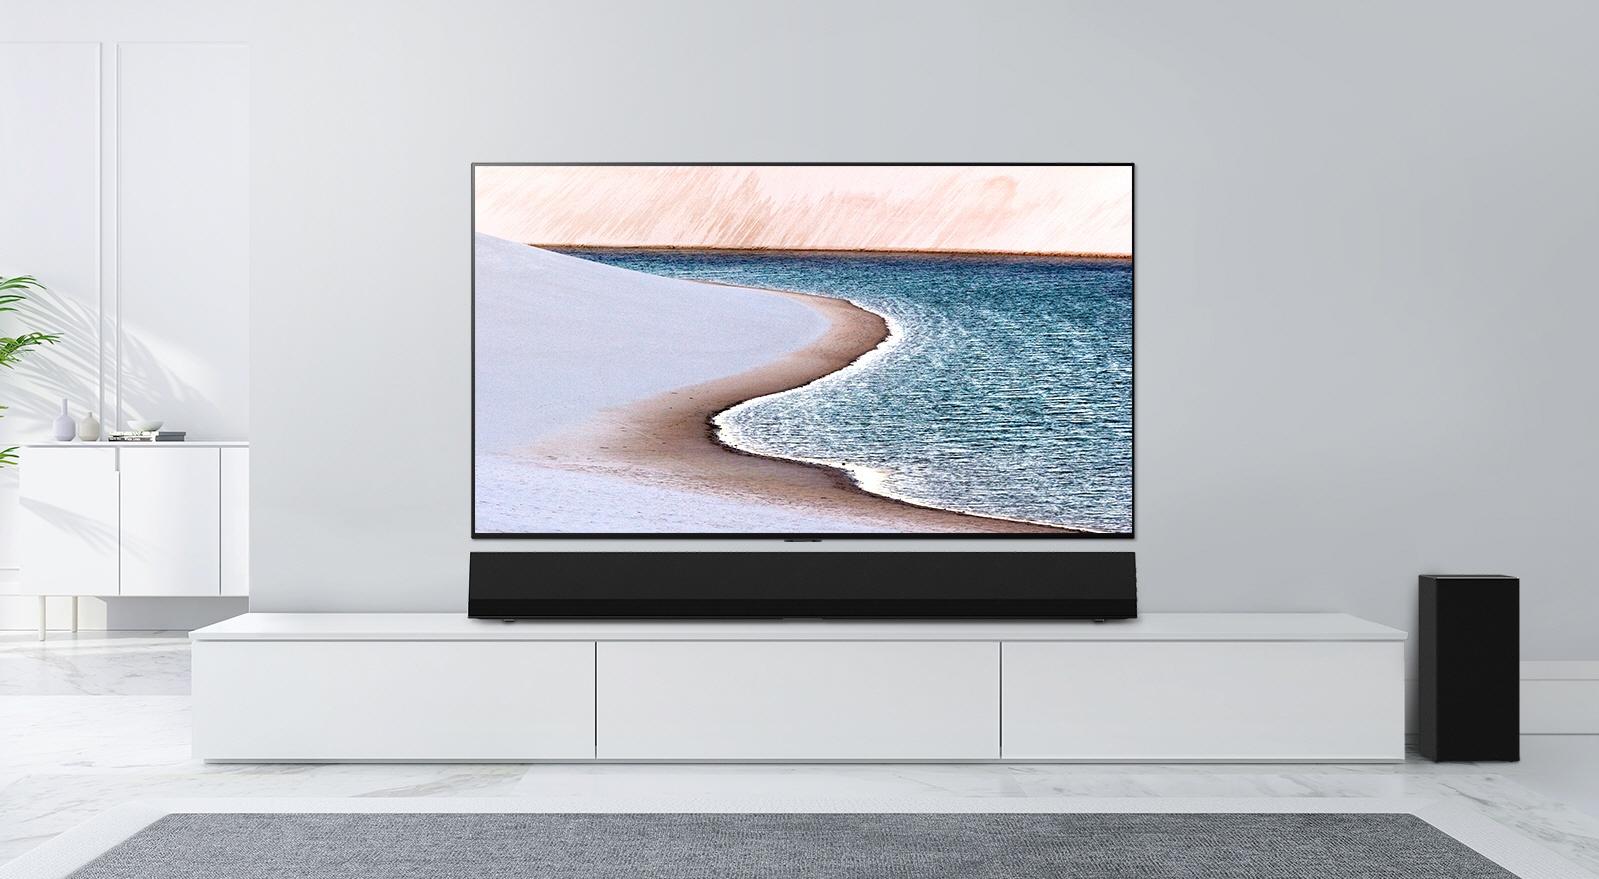 LG GX Soundbar er kledd i mørkegrått stofftrekk. Den kan henges på vegg eller stå på bordet. (Foto: LG)